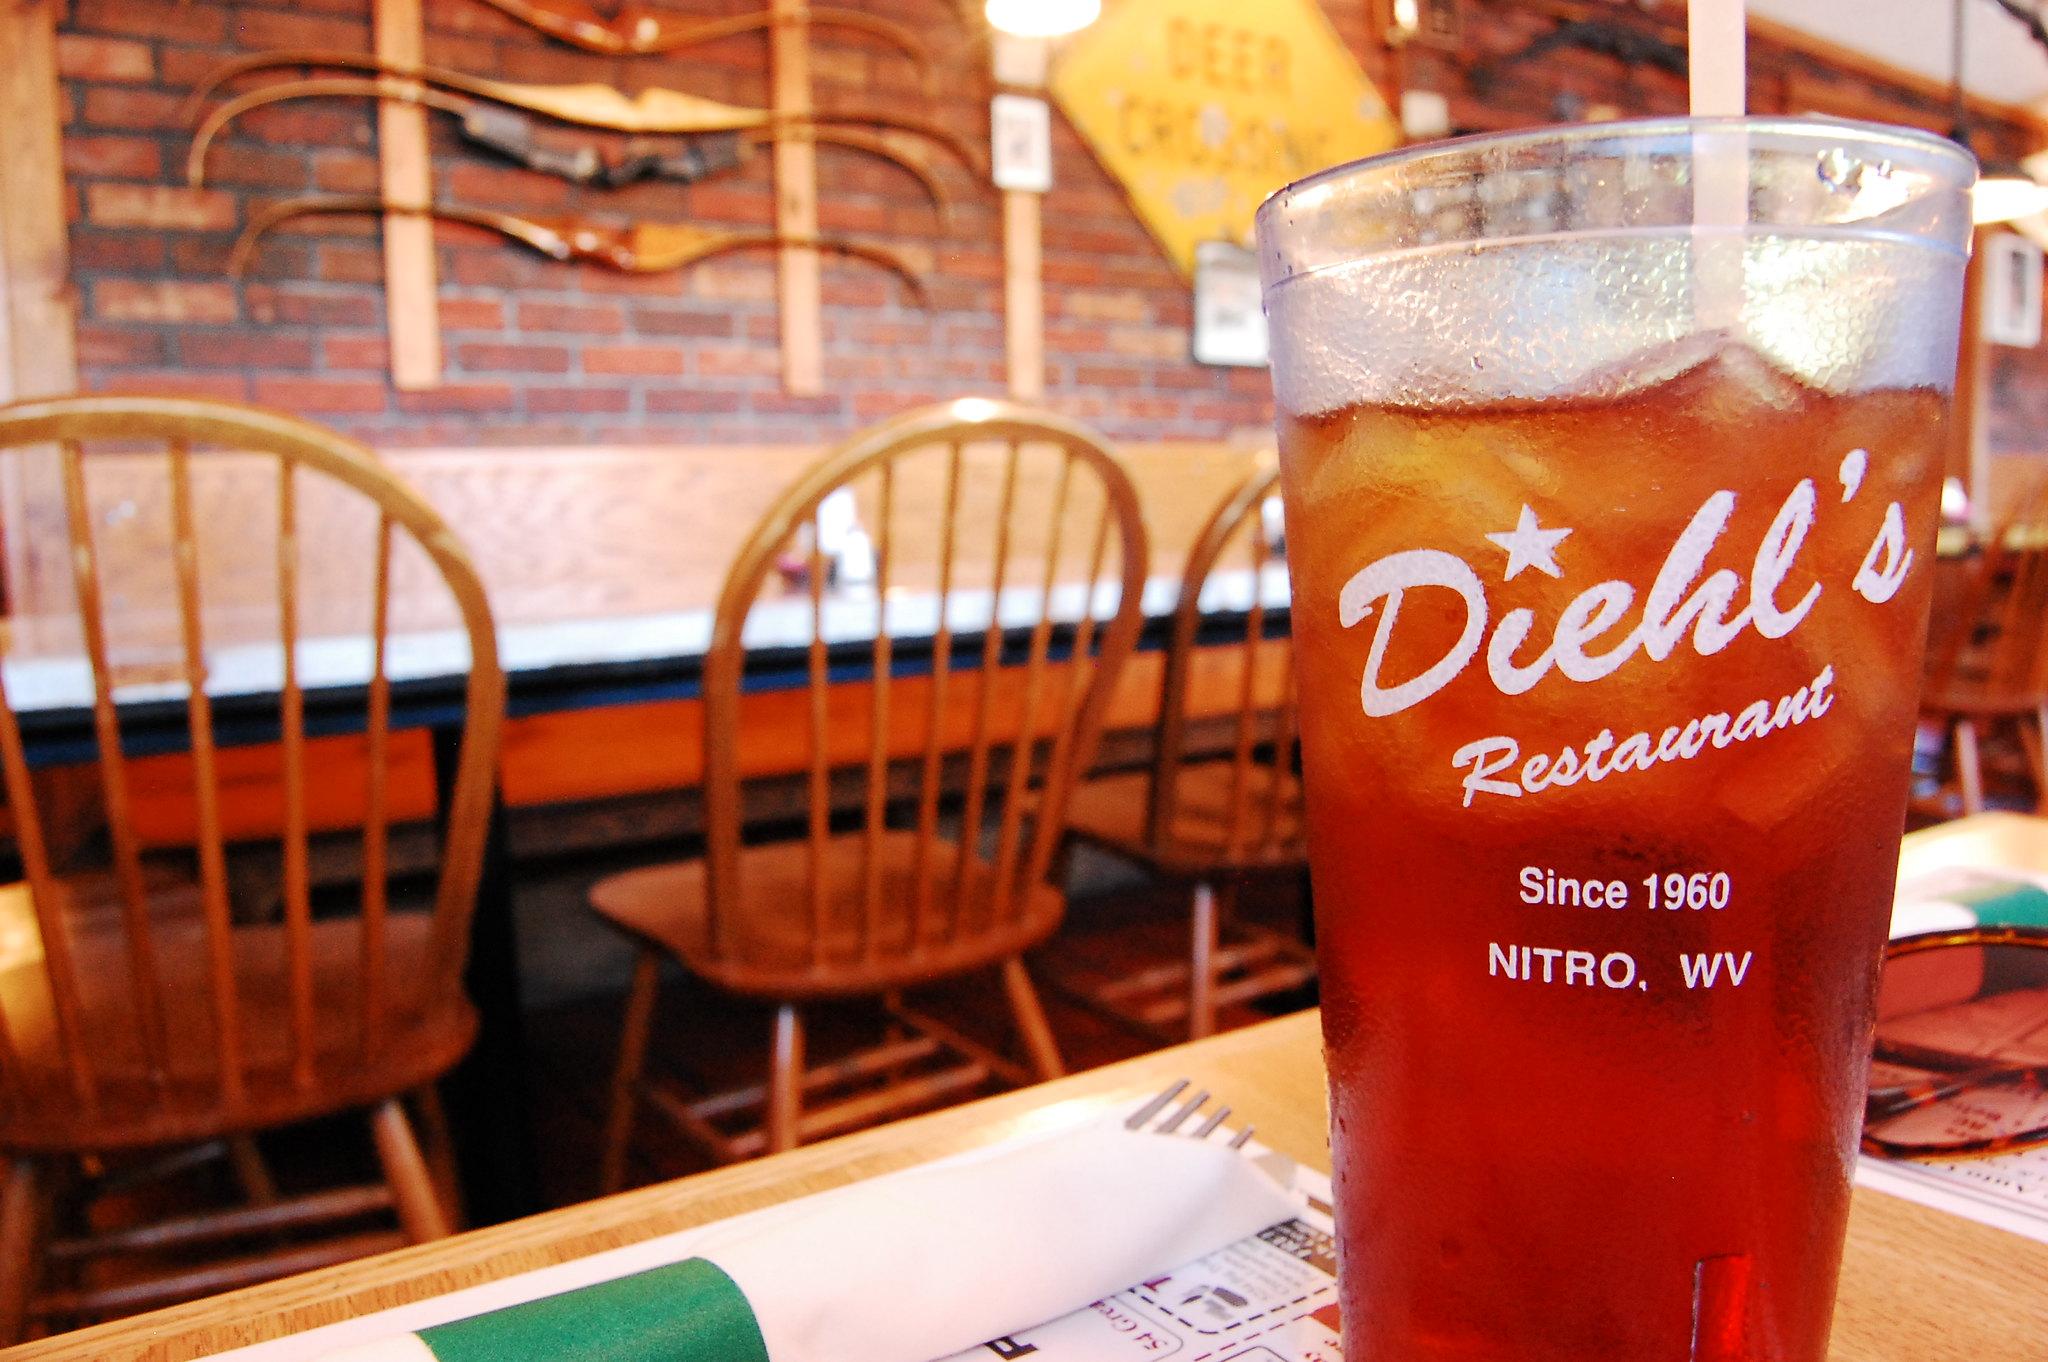 Diehl's